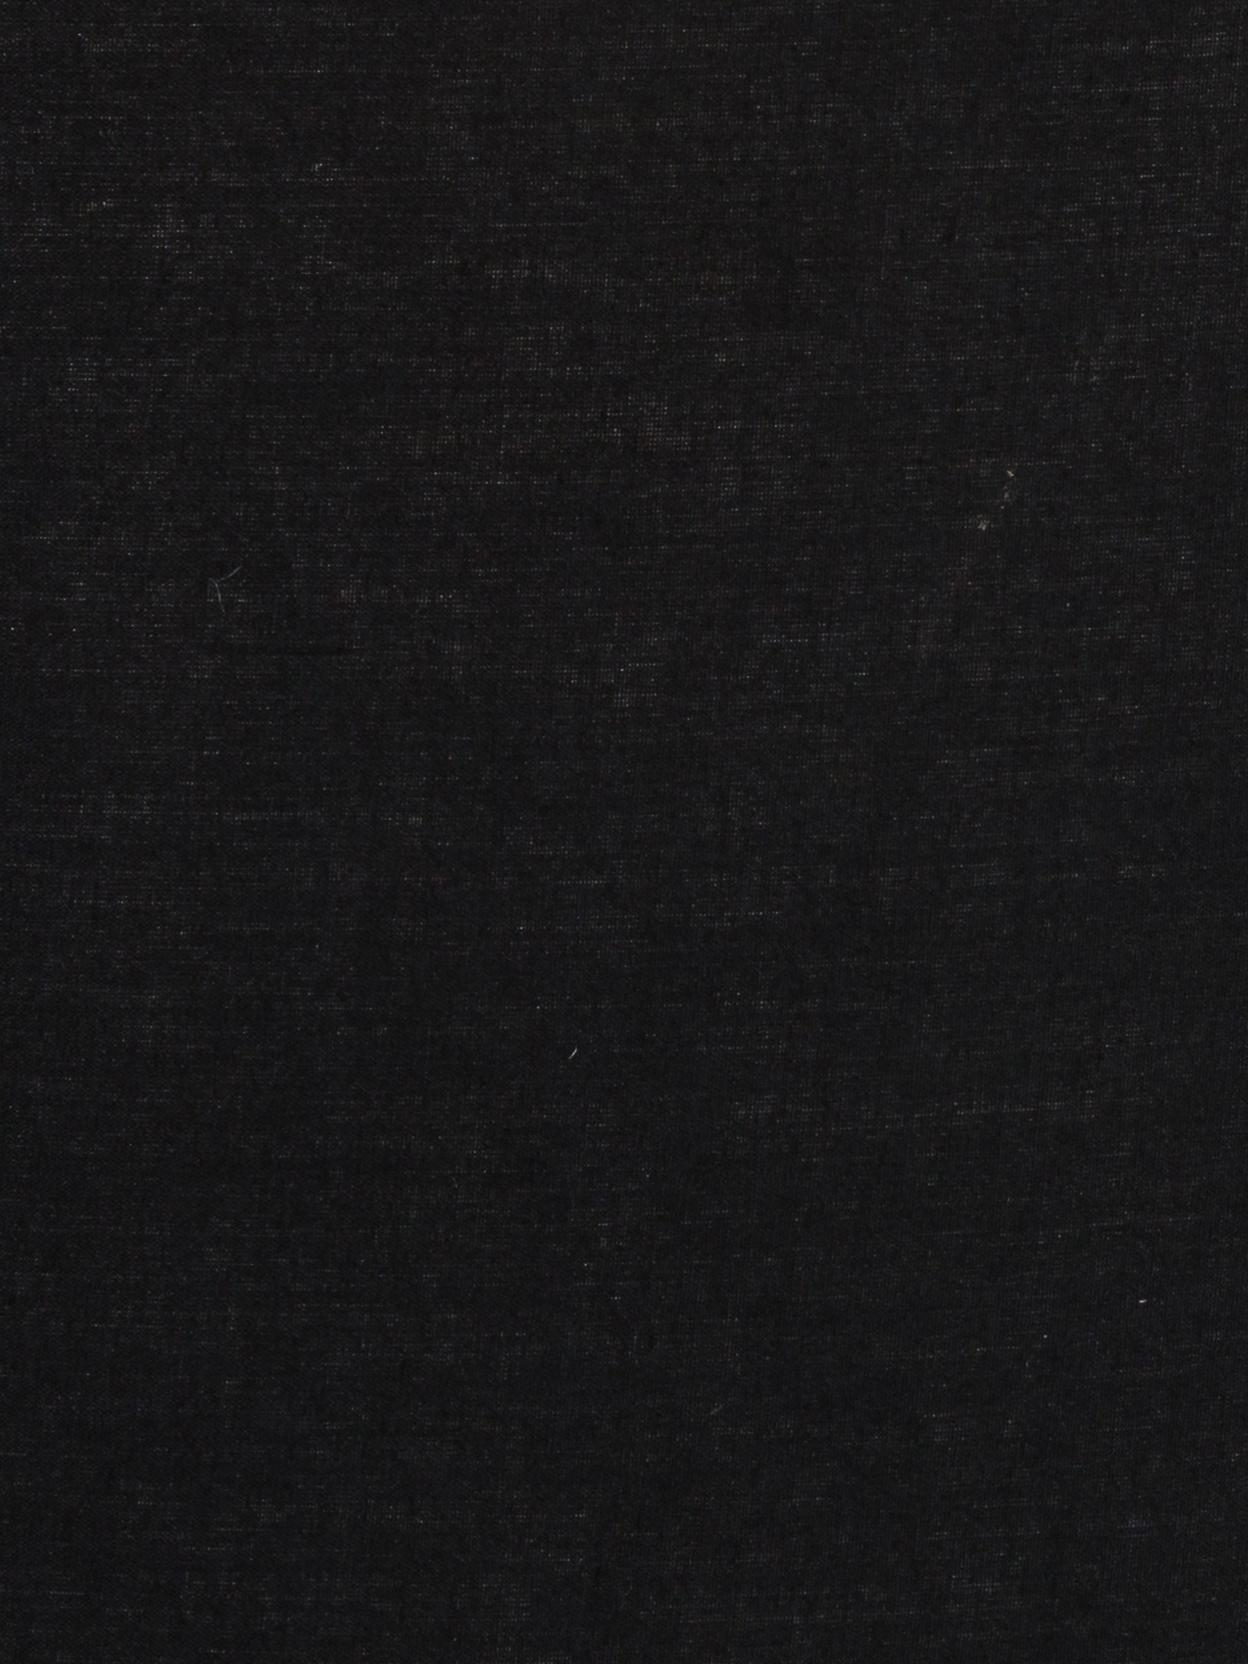 Lámpara de pie Cella, Pantalla: mezcla de algodón, Cable: plástico, Negro, ∅ 48 x Al 158 cm